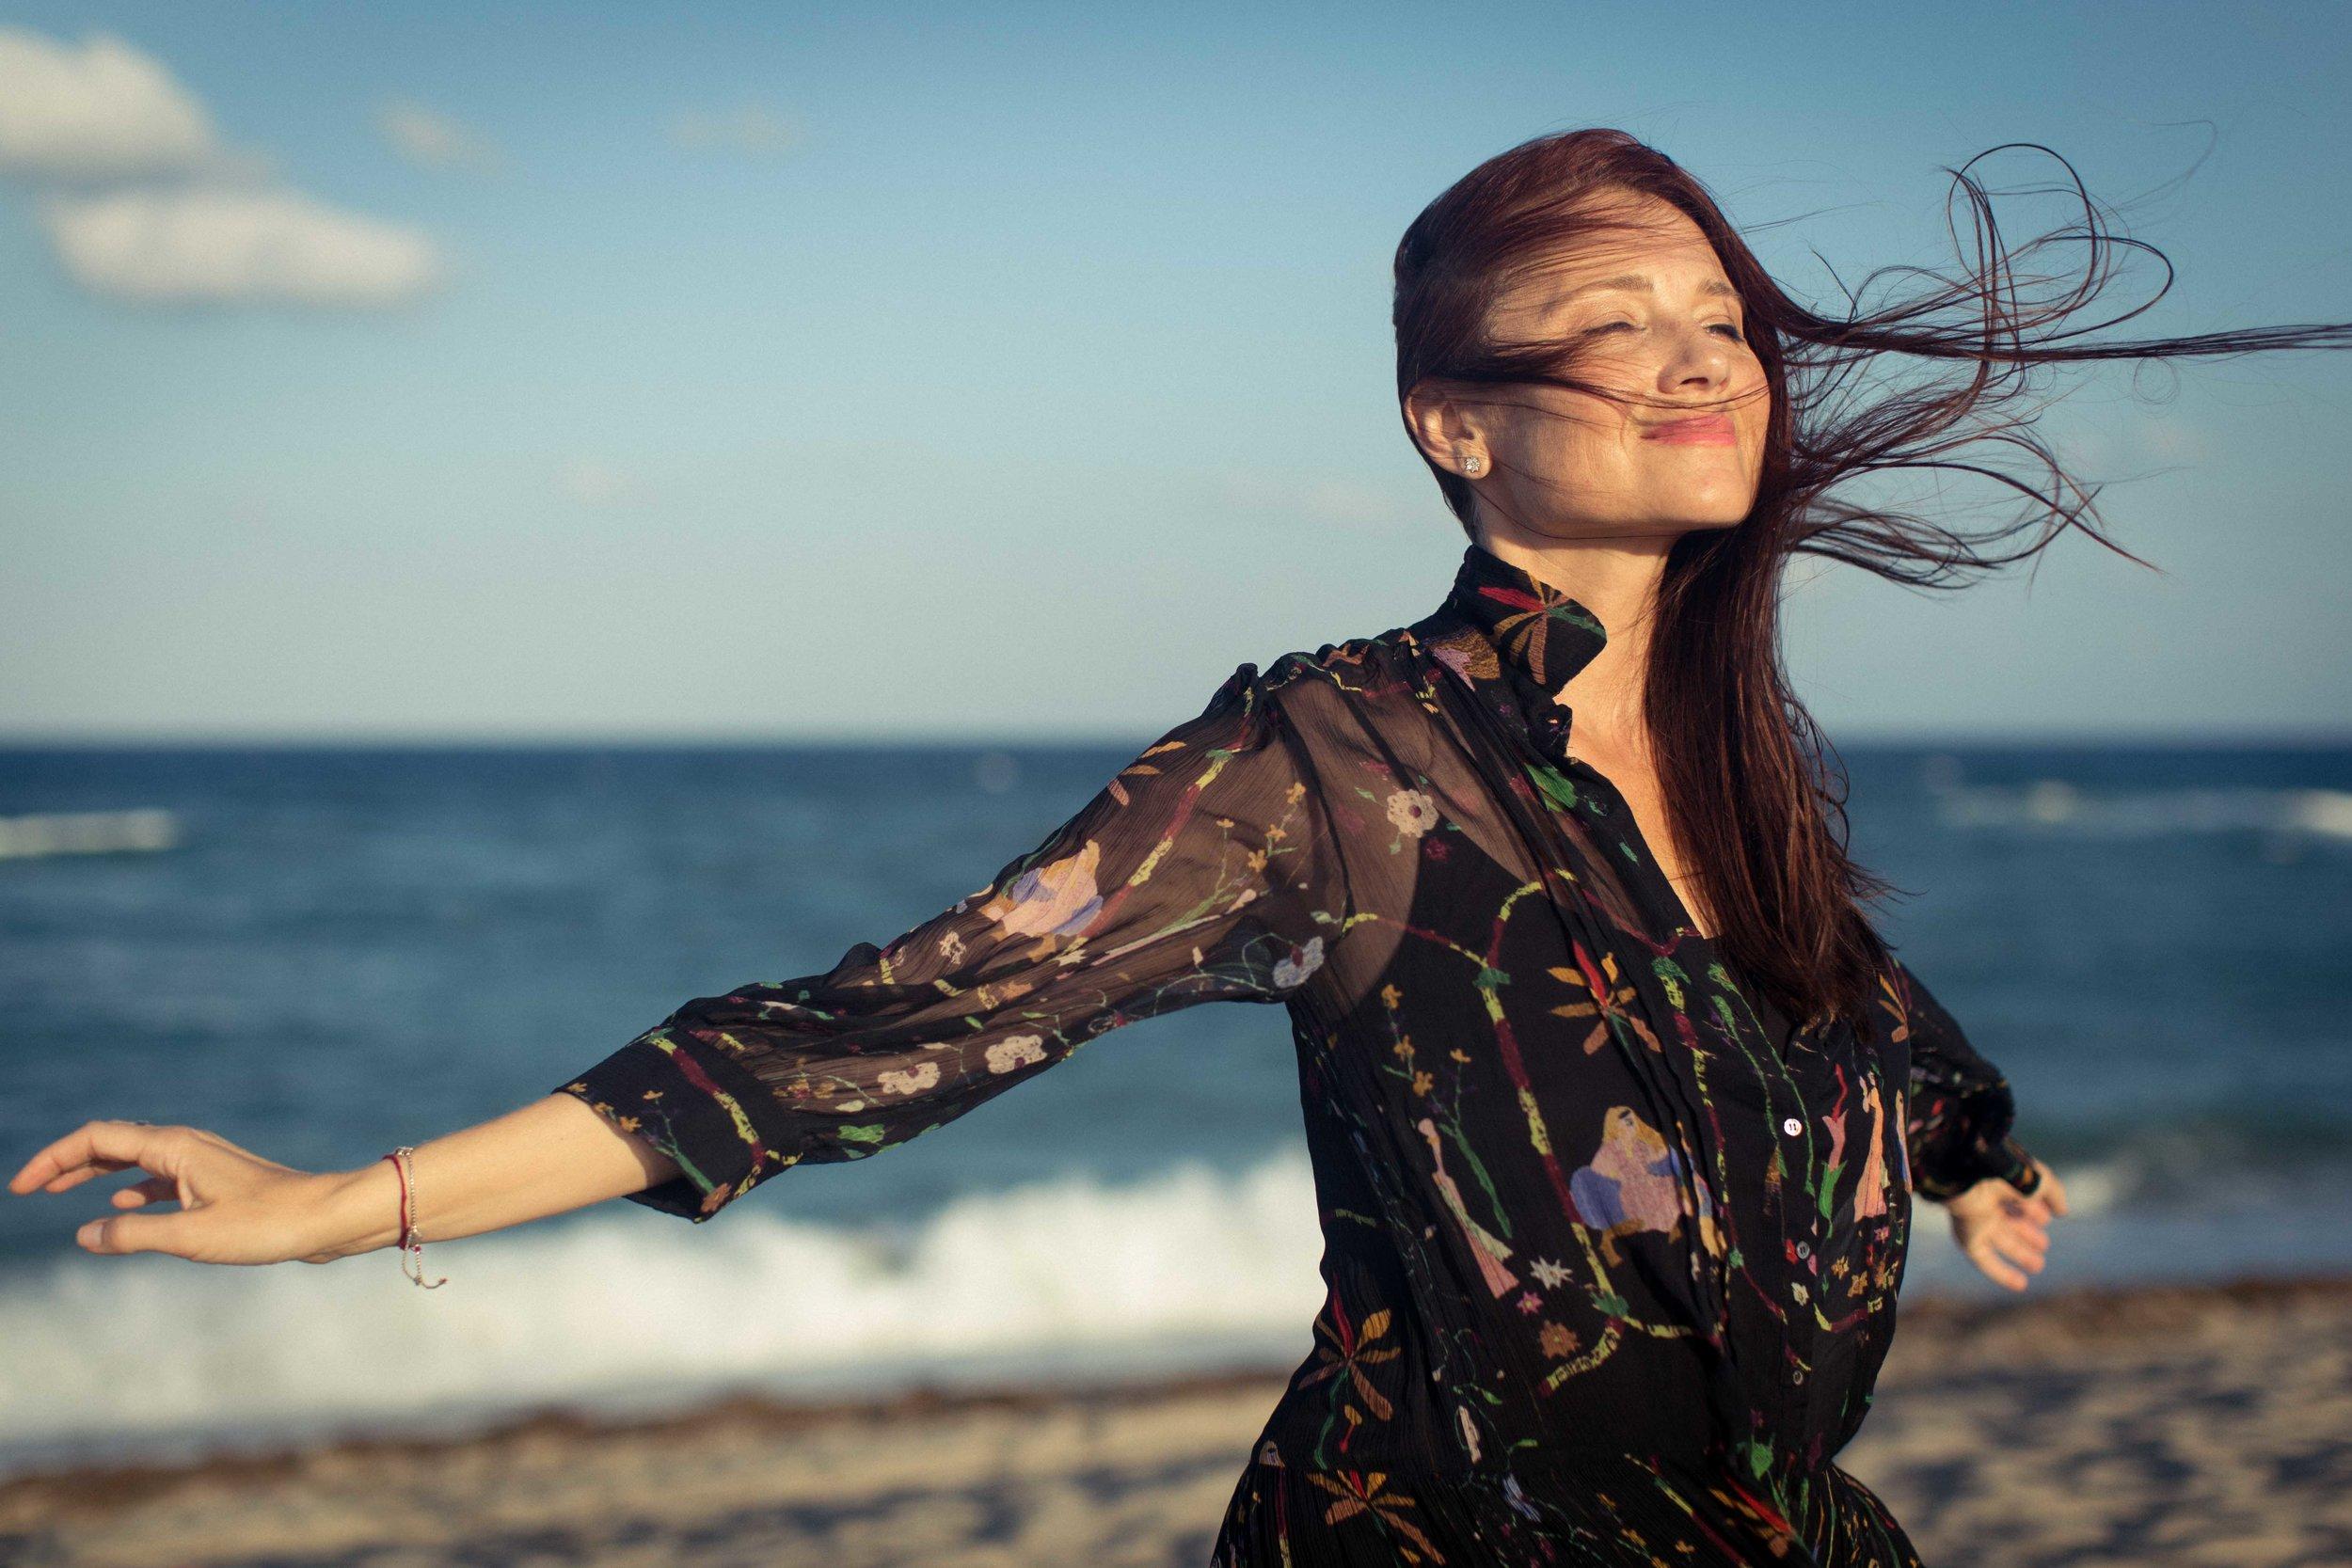 portrait-photography-south-florida